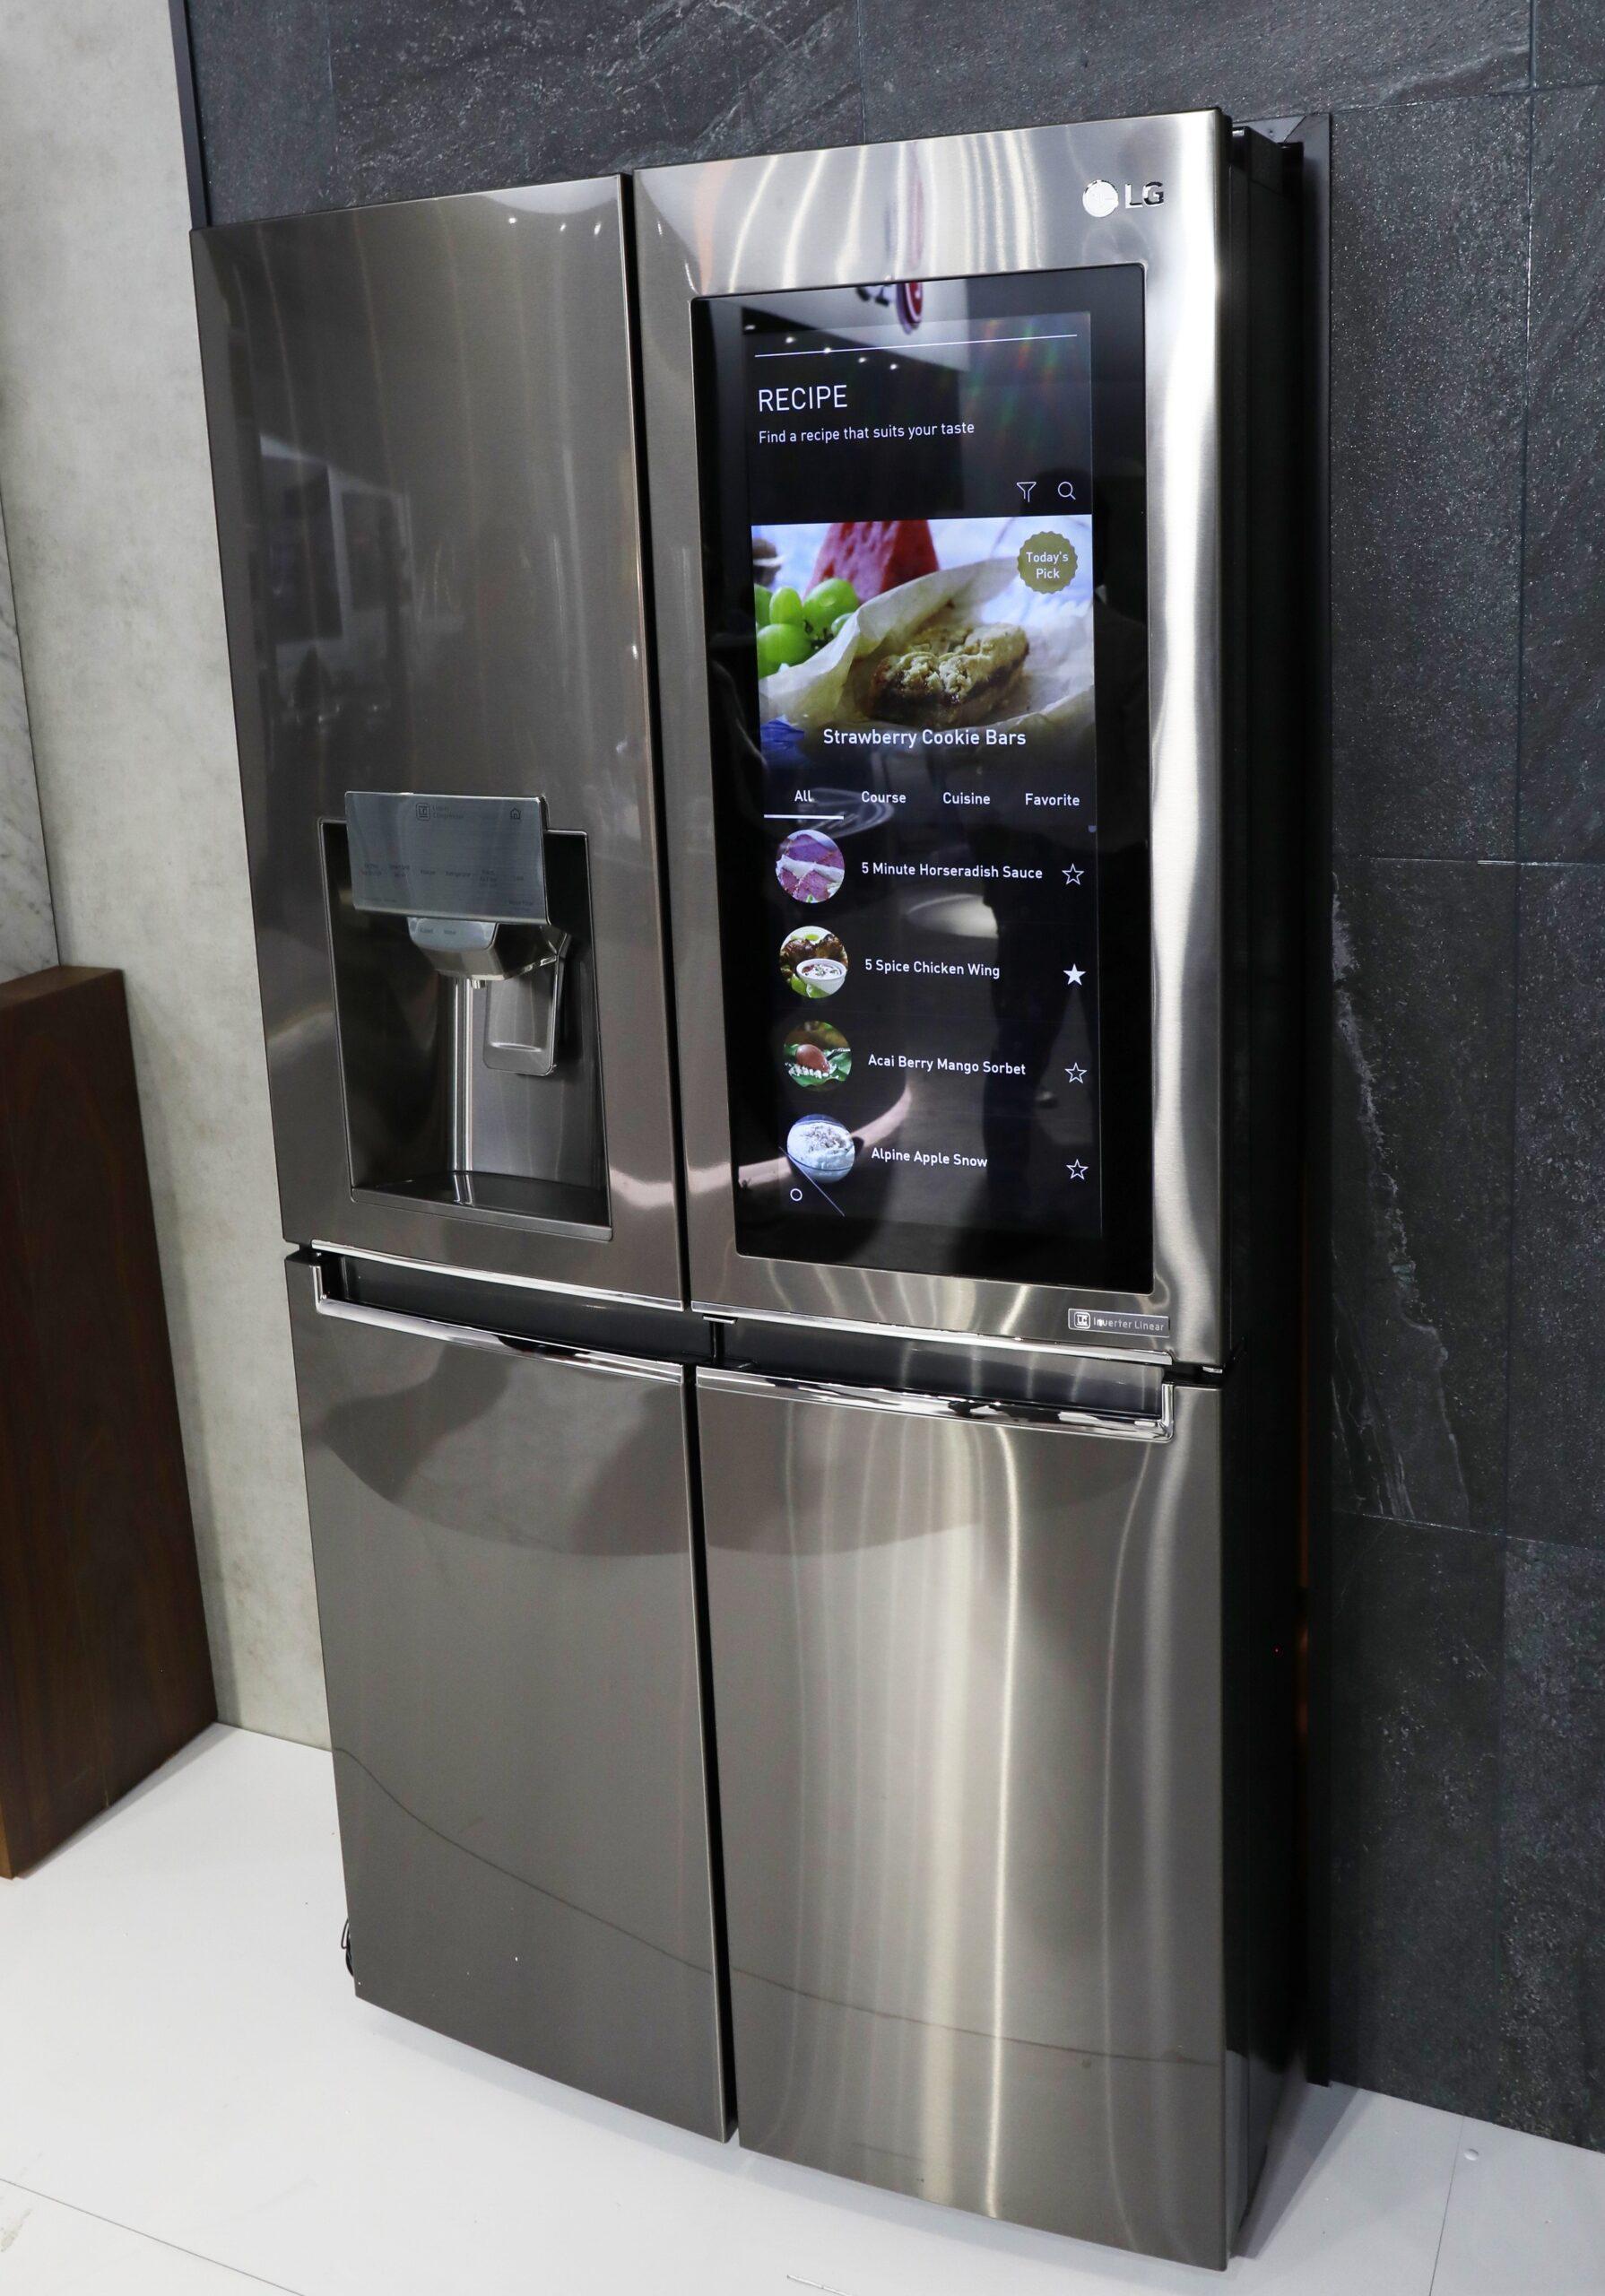 An LG InstaView Door-in-Door refrigerator in the LG display zone at CES 2017